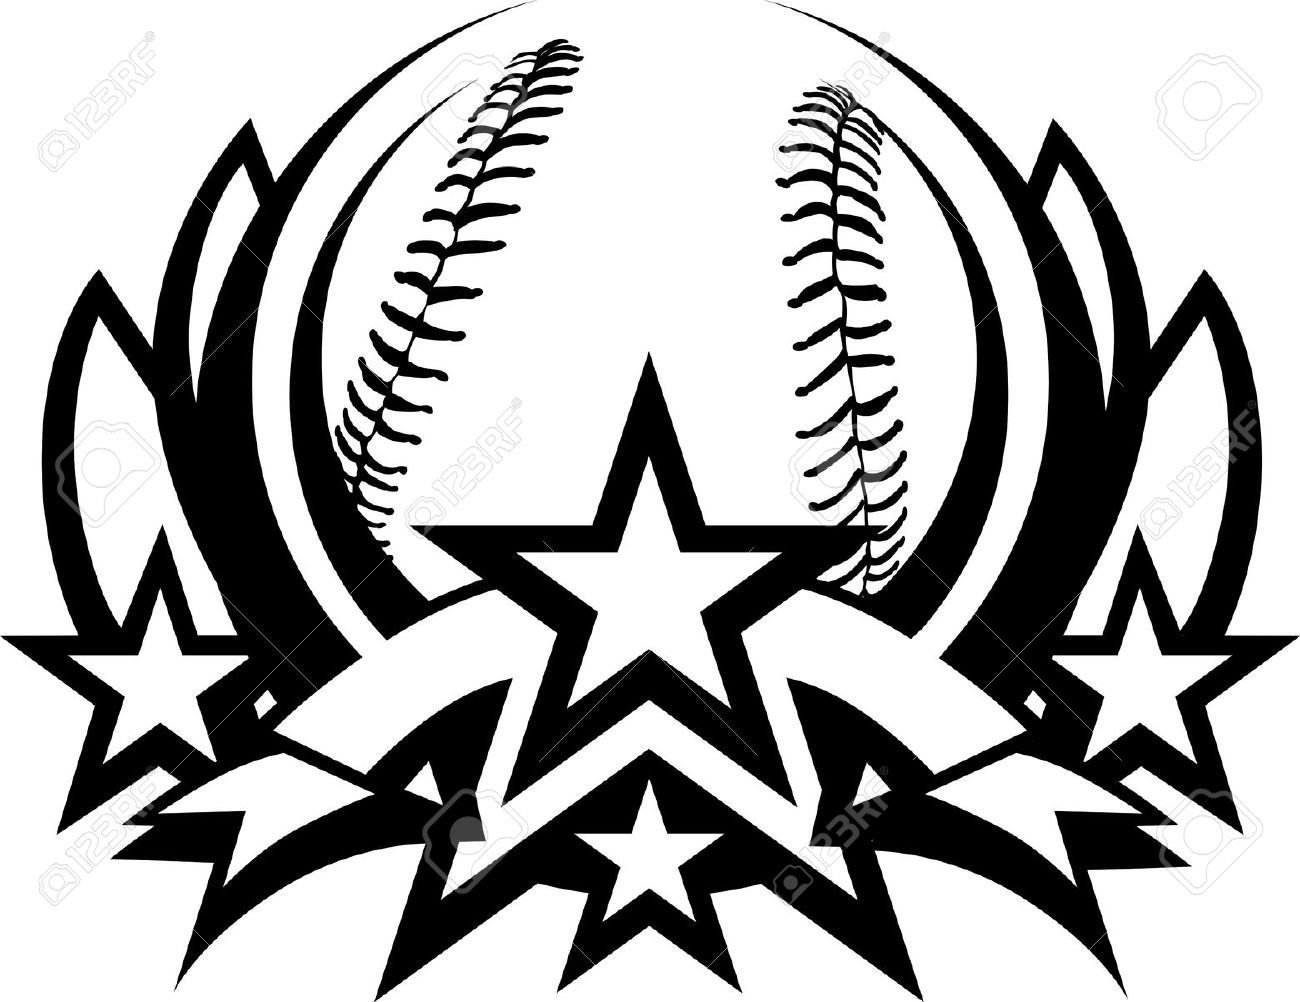 Black And White Clipart Of All Star Baseball Logos Clipartfest Baseball Vector Clip Art Softball Logos